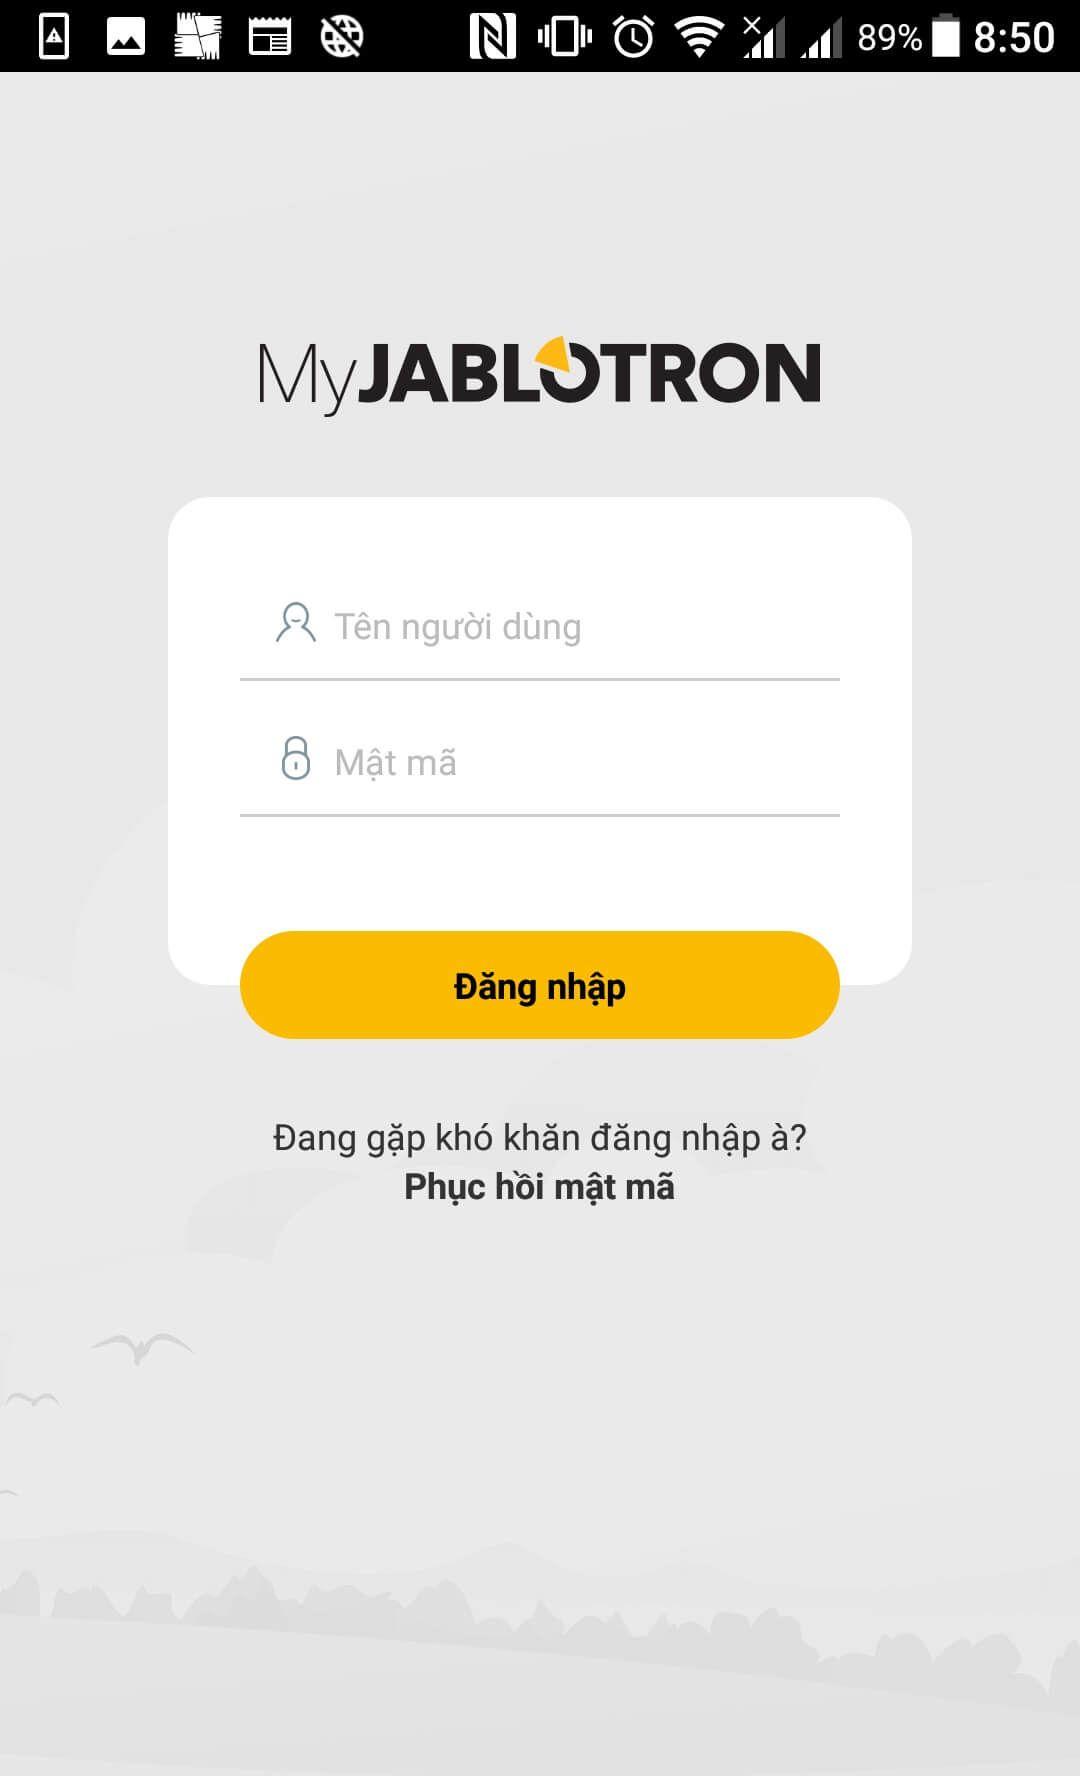 Hướng dẫn cài đặt và sử dụng phần mềm MyJablotron